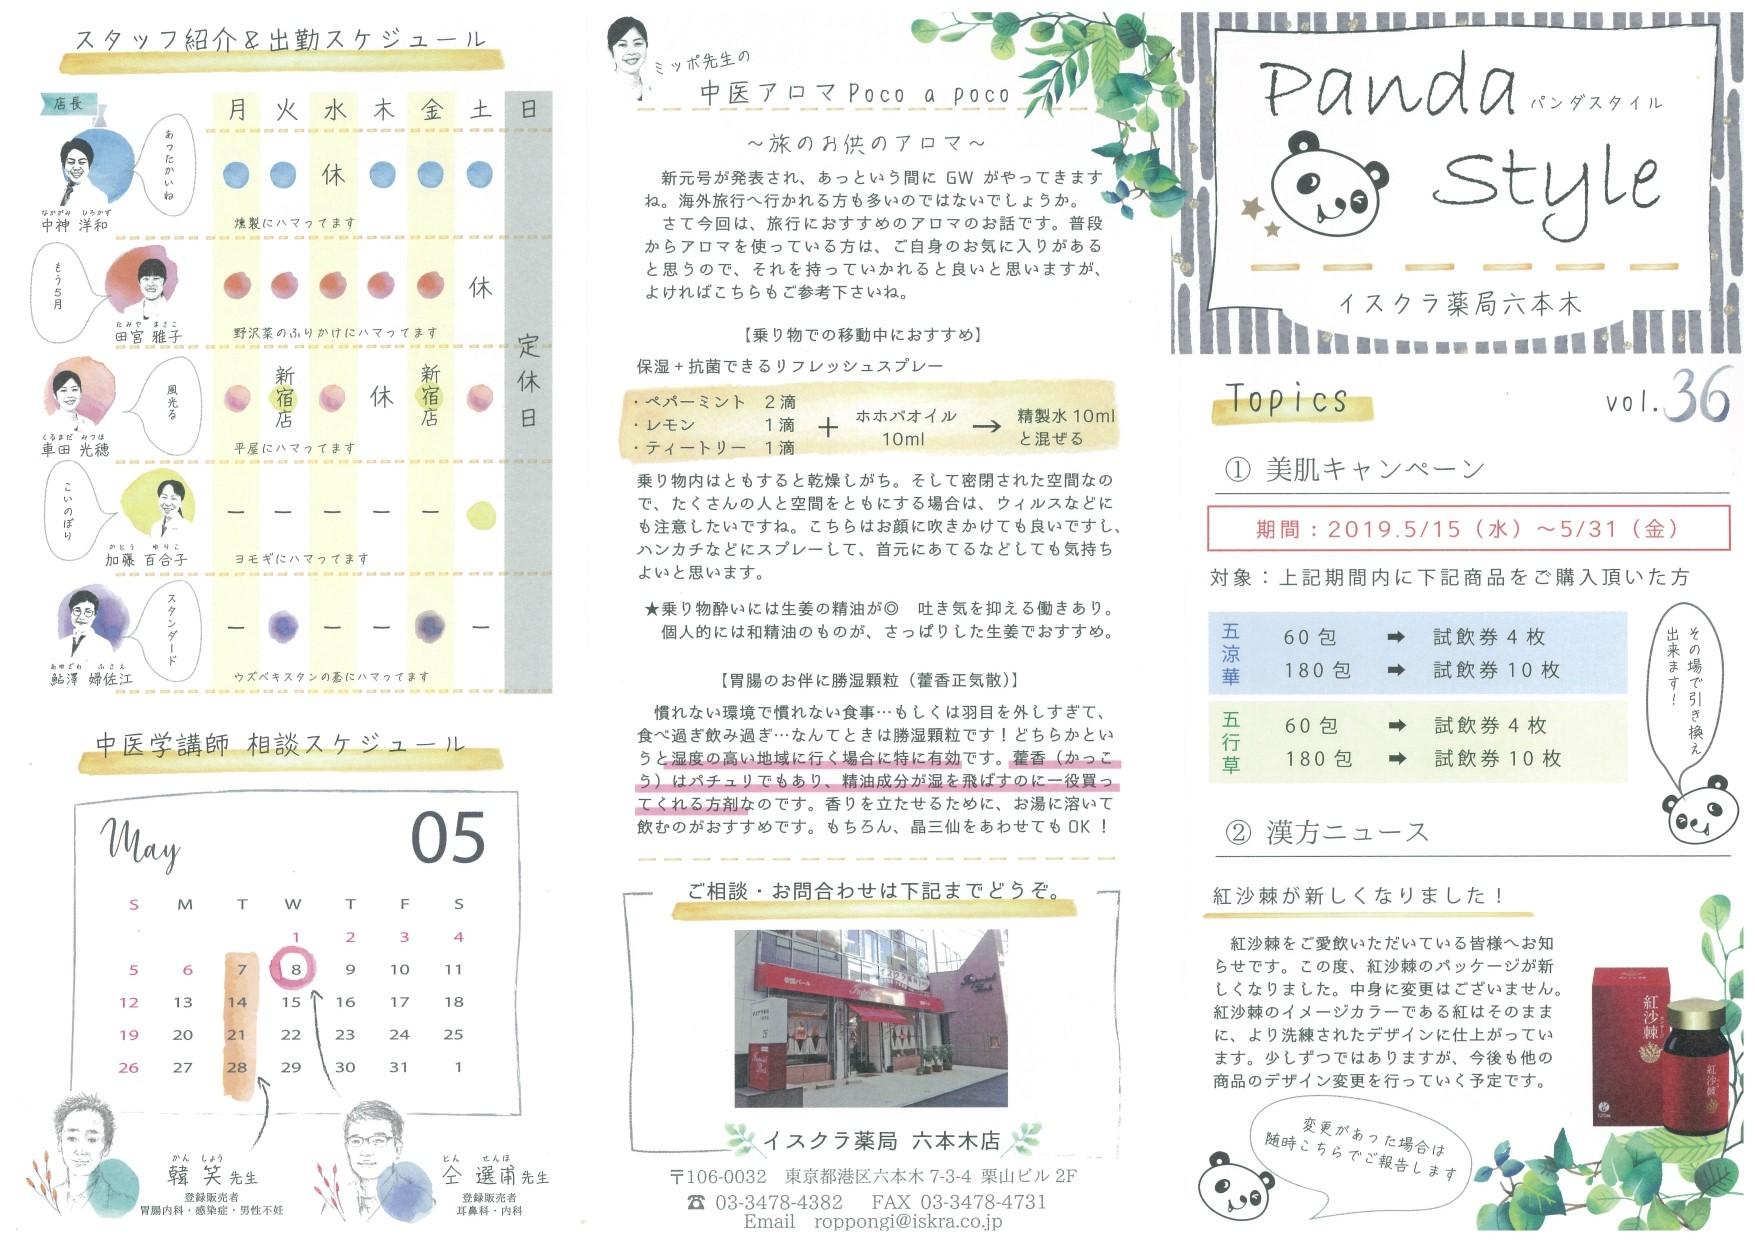 パンスタ #36 5月の養生派ゆるむこと (2)_page-0001